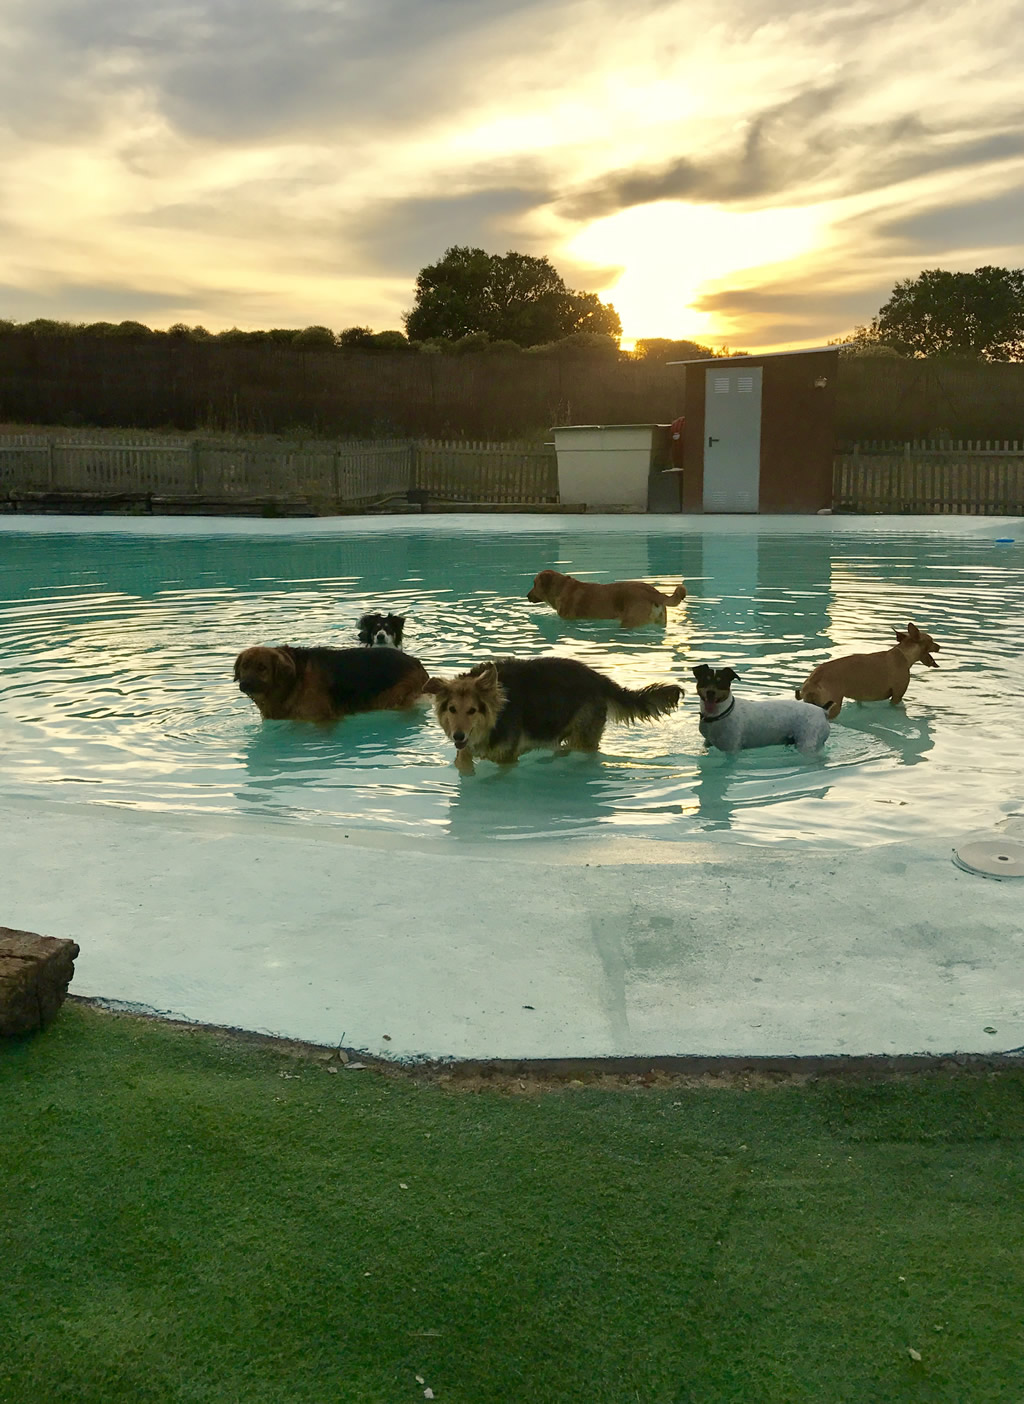 Parque y piscina para perros campus perruno for Piscina para perros